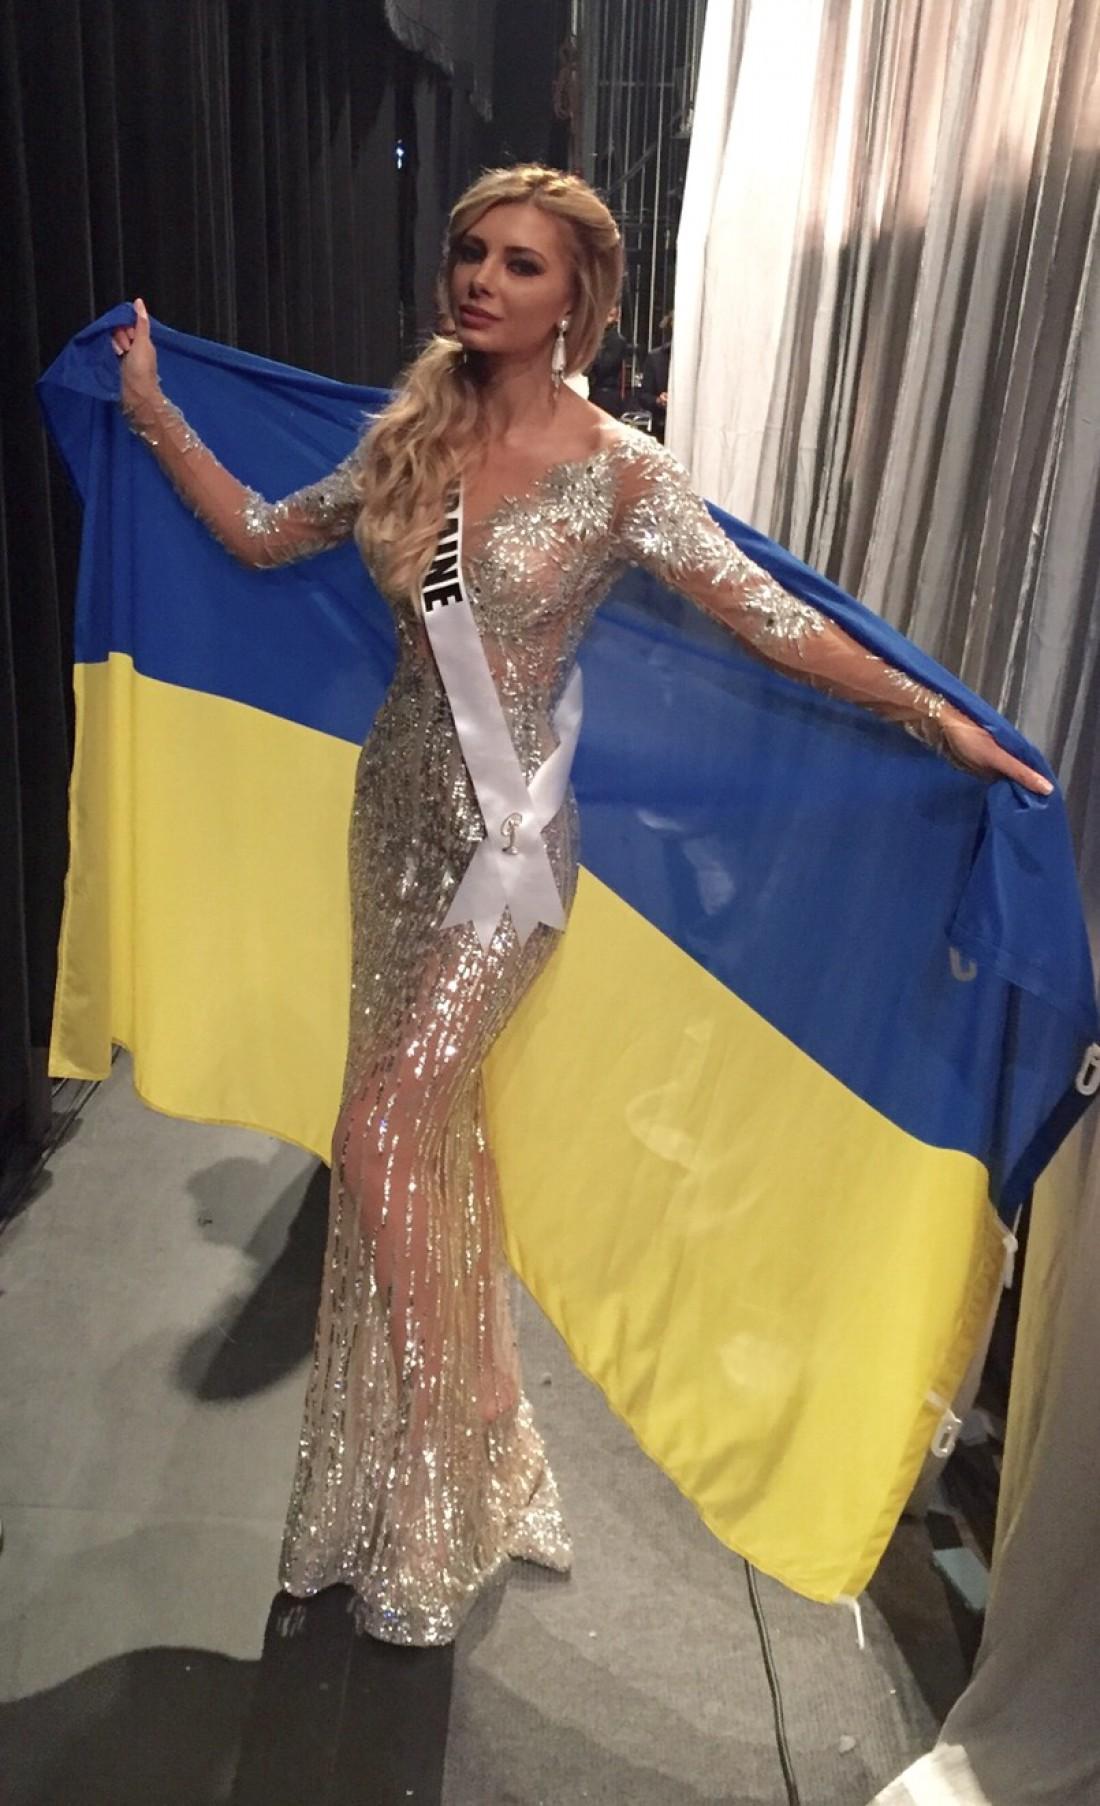 Мисс Украина Вселенная 2015 Анна Вергельская первая, кто вышел на сцену с флагом